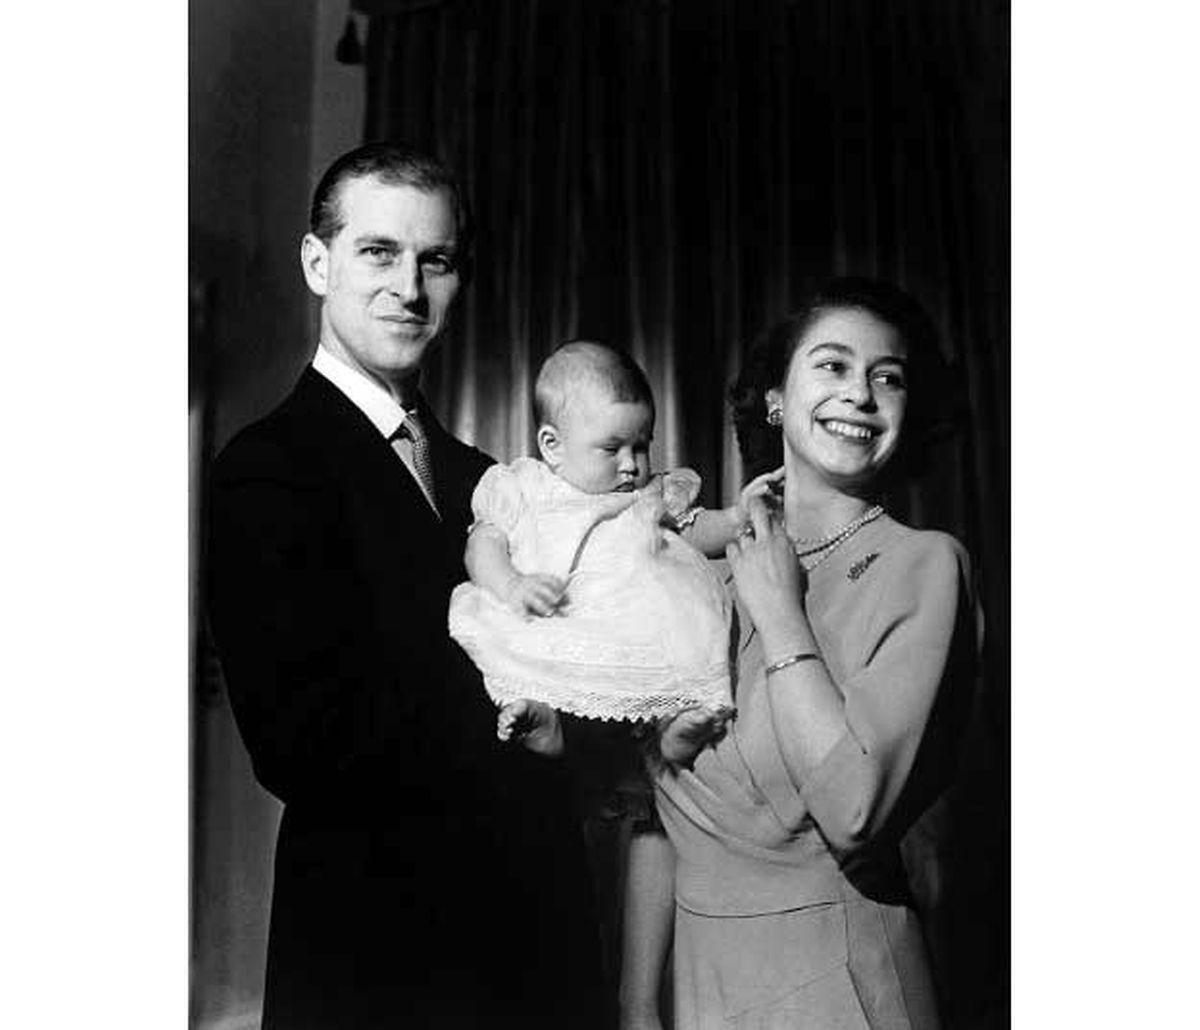 Die Freude ist groß, als mit Prinz Charles 1948 ein Thronfolger zur Welt kommt.